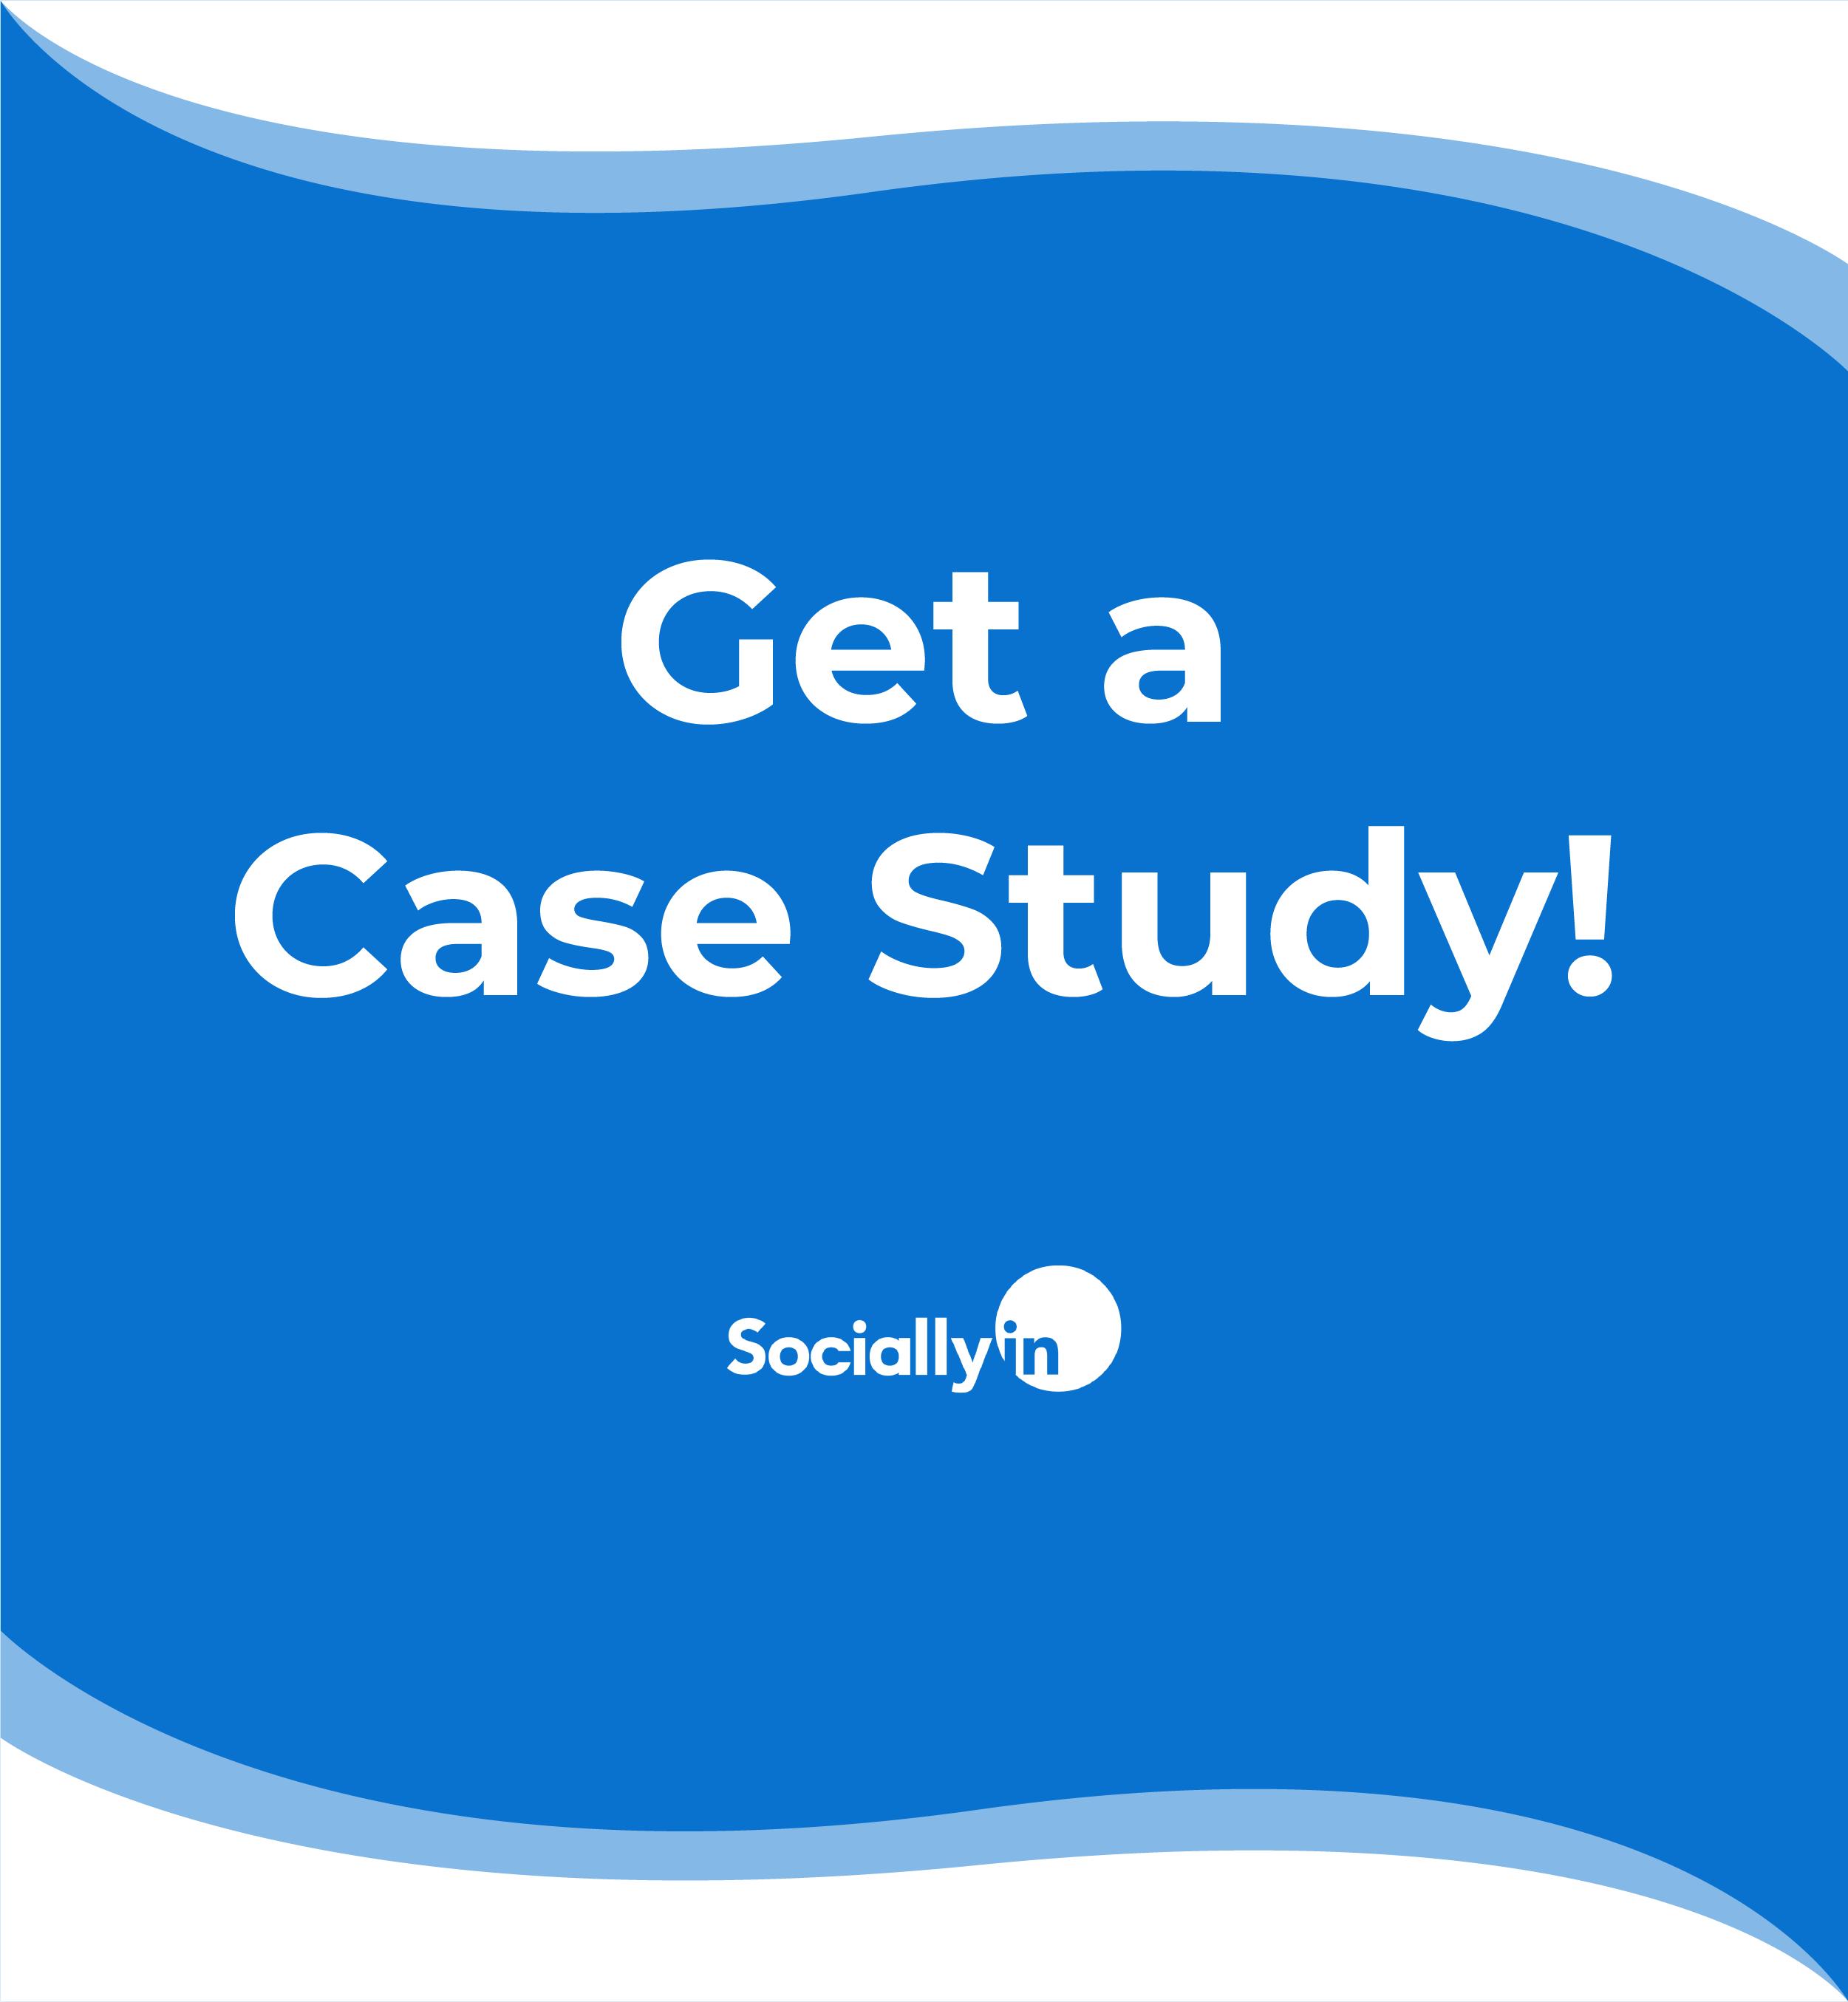 CTA_Get a Case Study